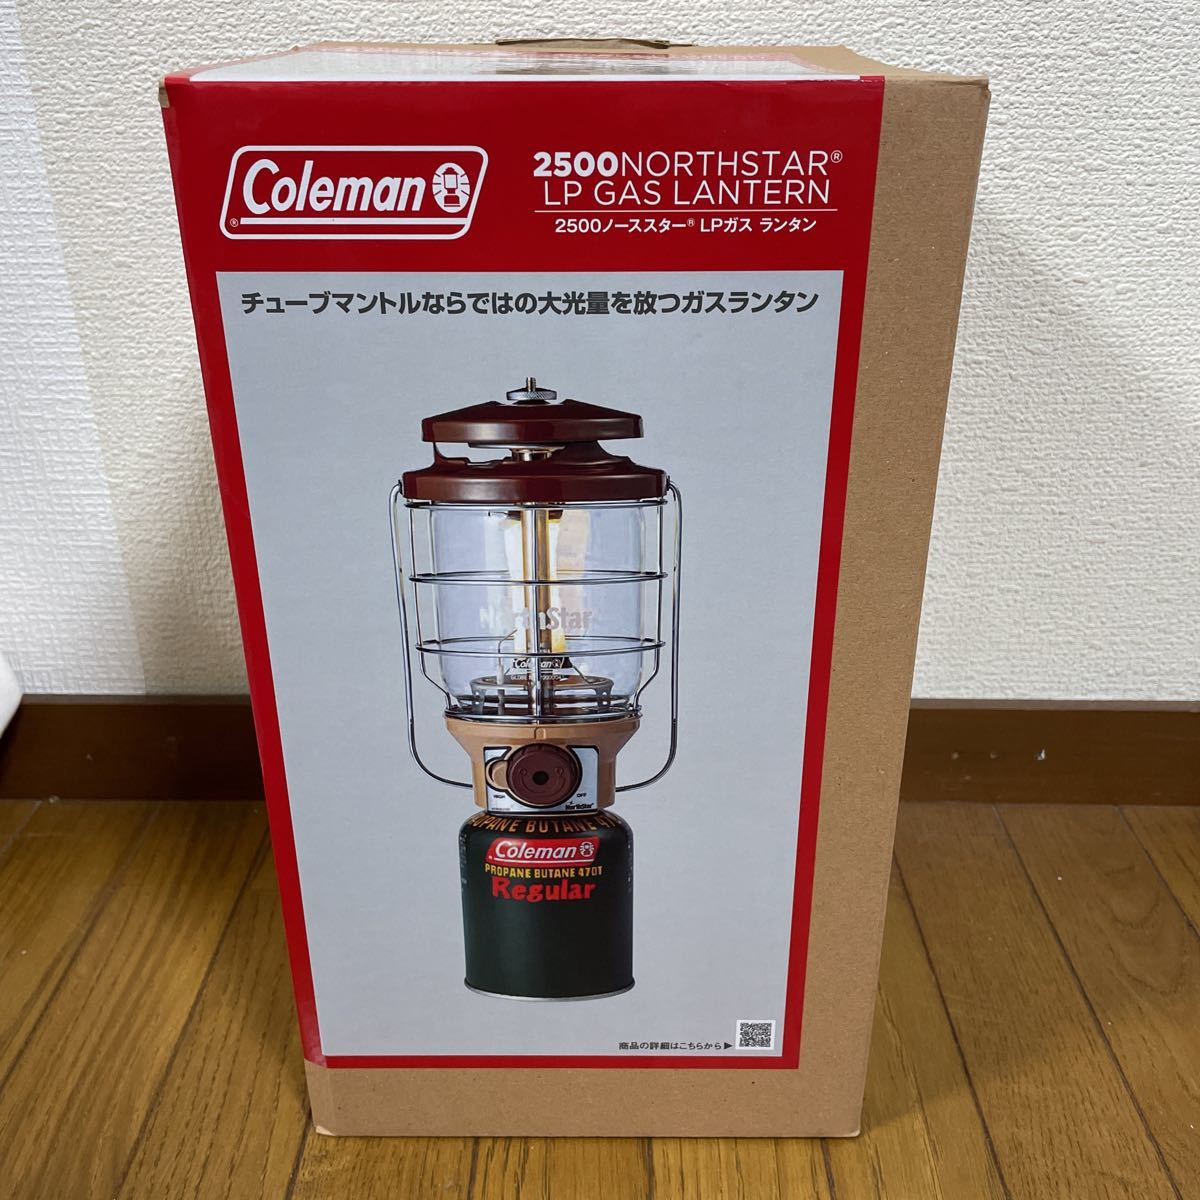 完売★新品 コールマン Coleman 2500ノーススター LPガスランタン バターナッツ NORTHSTAR lantern